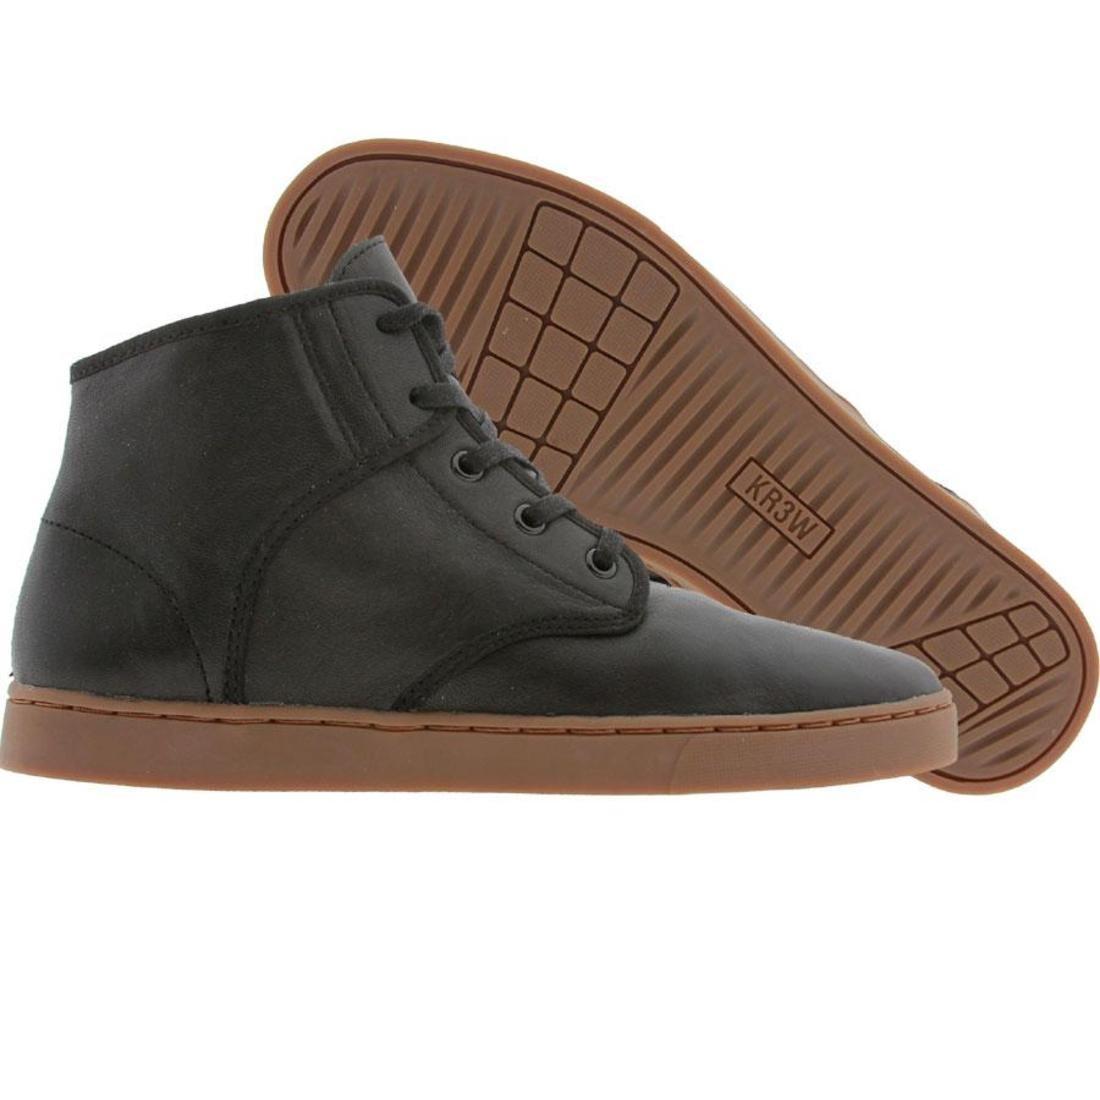 【海外限定】ミッド キッズ 靴 【 KR3W GRANT MID BLACK KIDSKIN 】【送料無料】